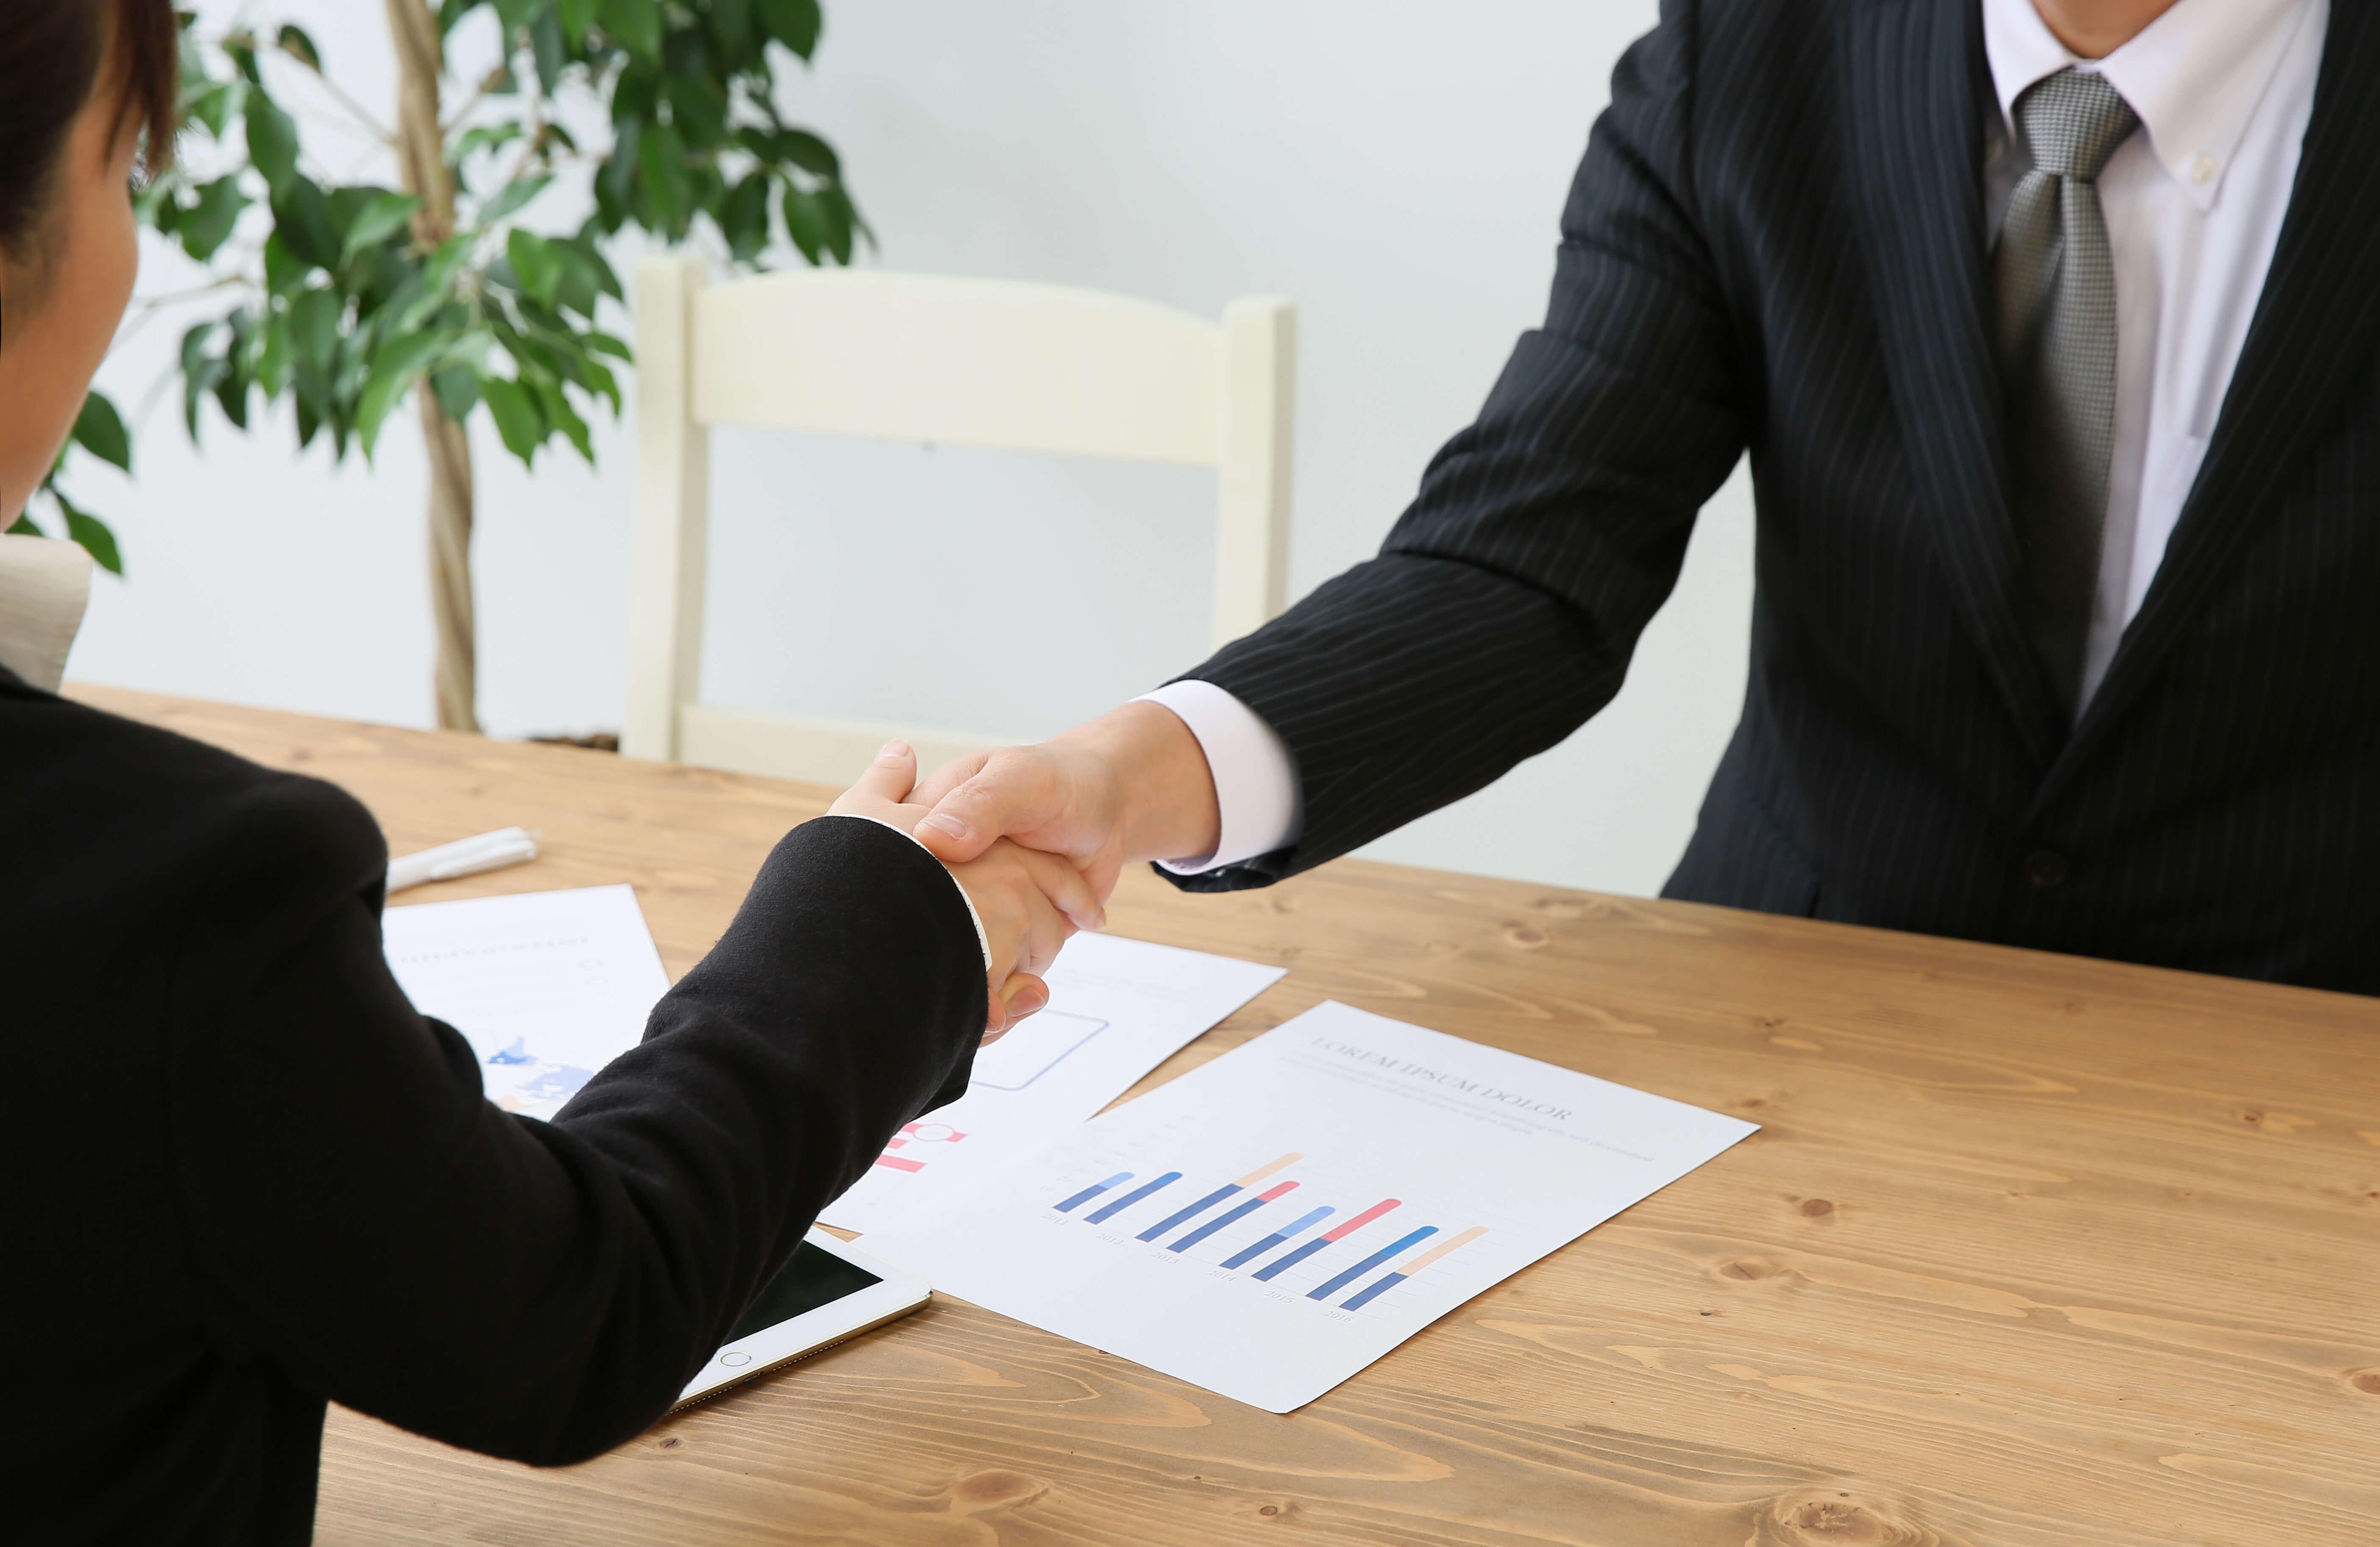 正社員就職を志している高卒フリーターの方は、キャリアアドバイザーに相談するのがベスト